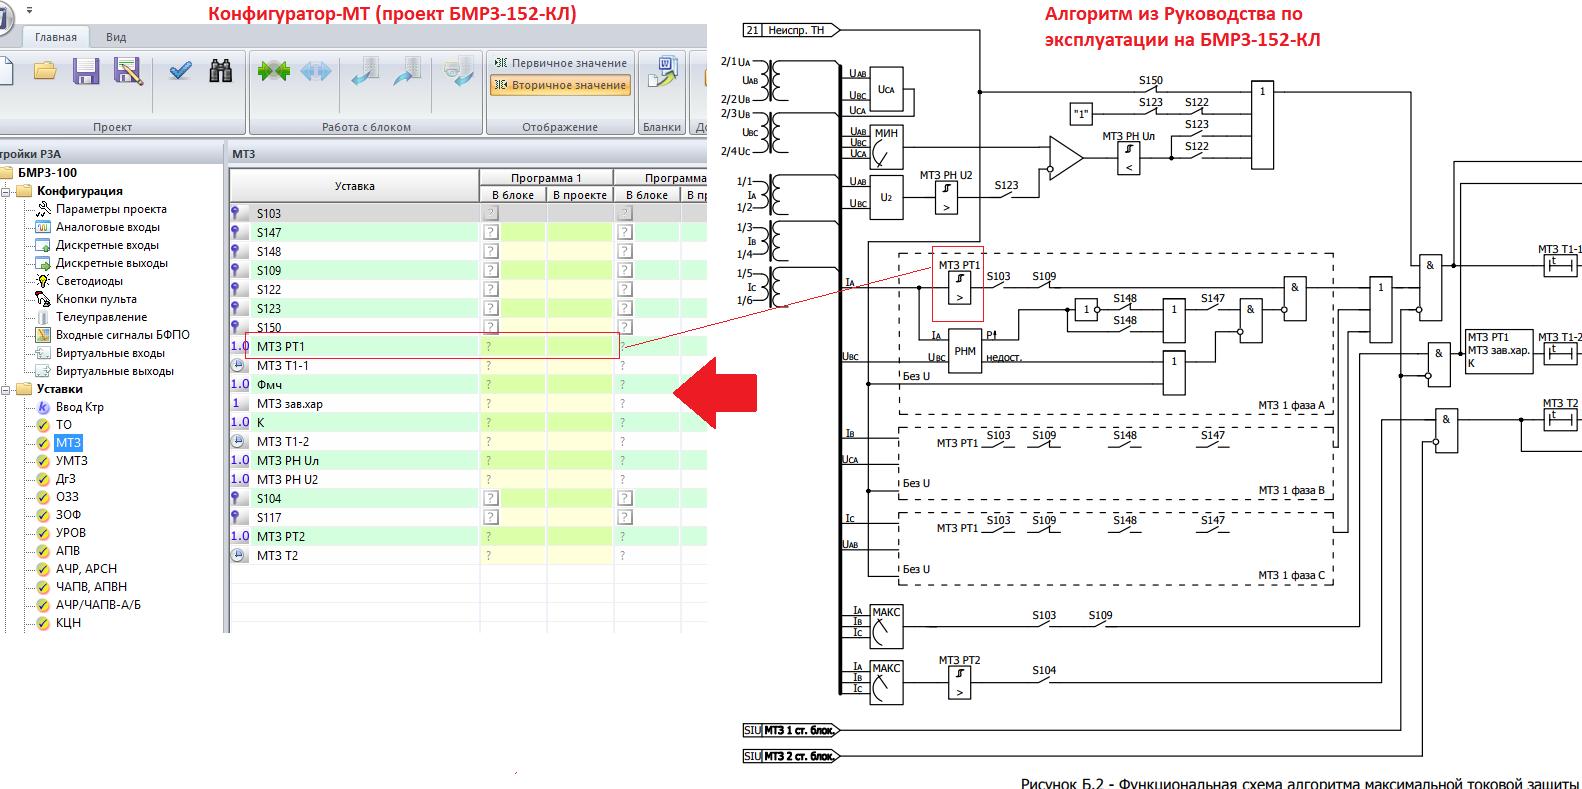 Конфигуратор-МТ - соответствие ключе руководству по эксплуатации